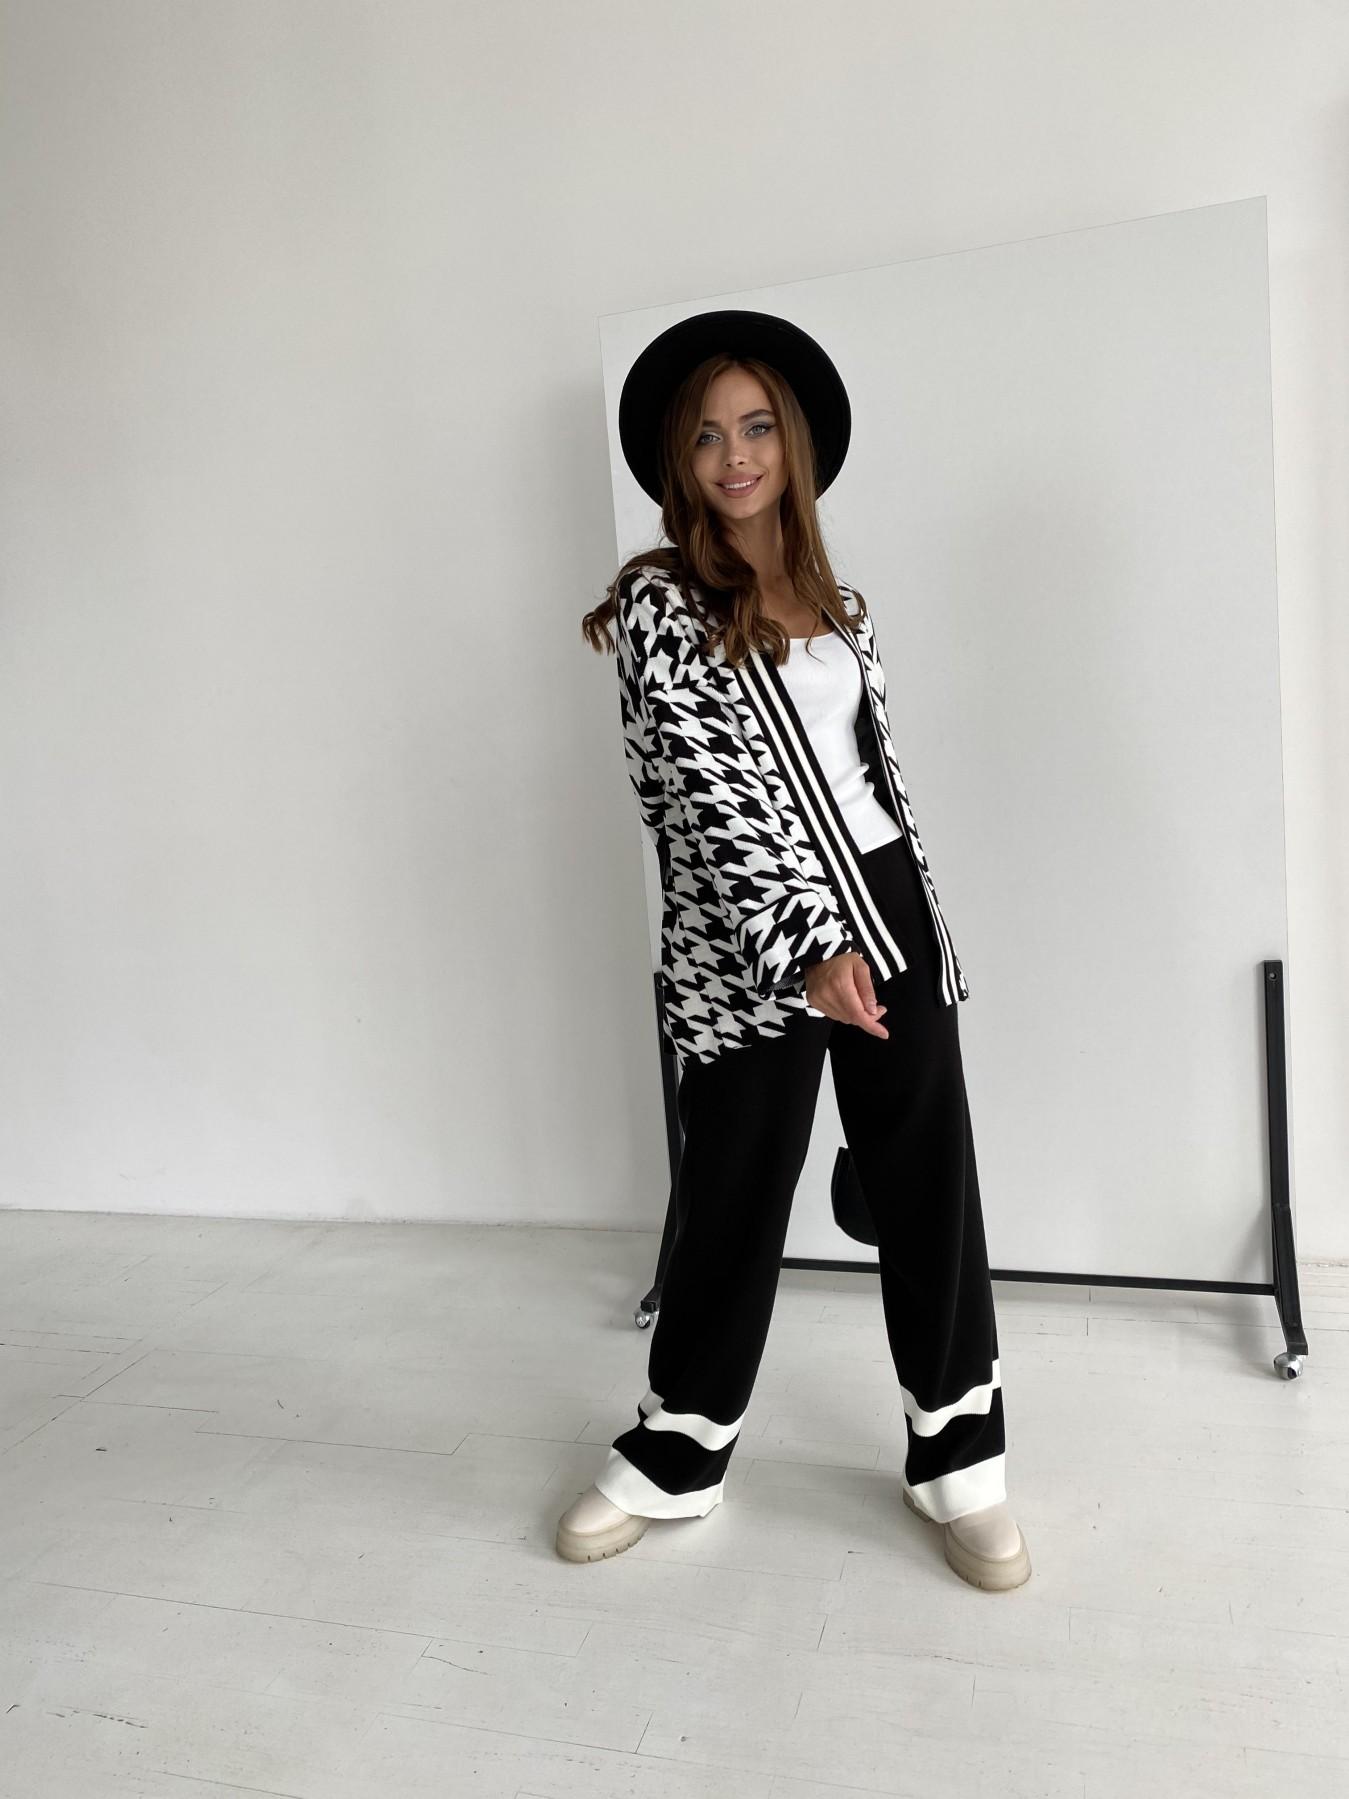 Вязаный трикотажный костюм 91281 АРТ. 48583 Цвет: Черный/Молоко - фото 5, интернет магазин tm-modus.ru